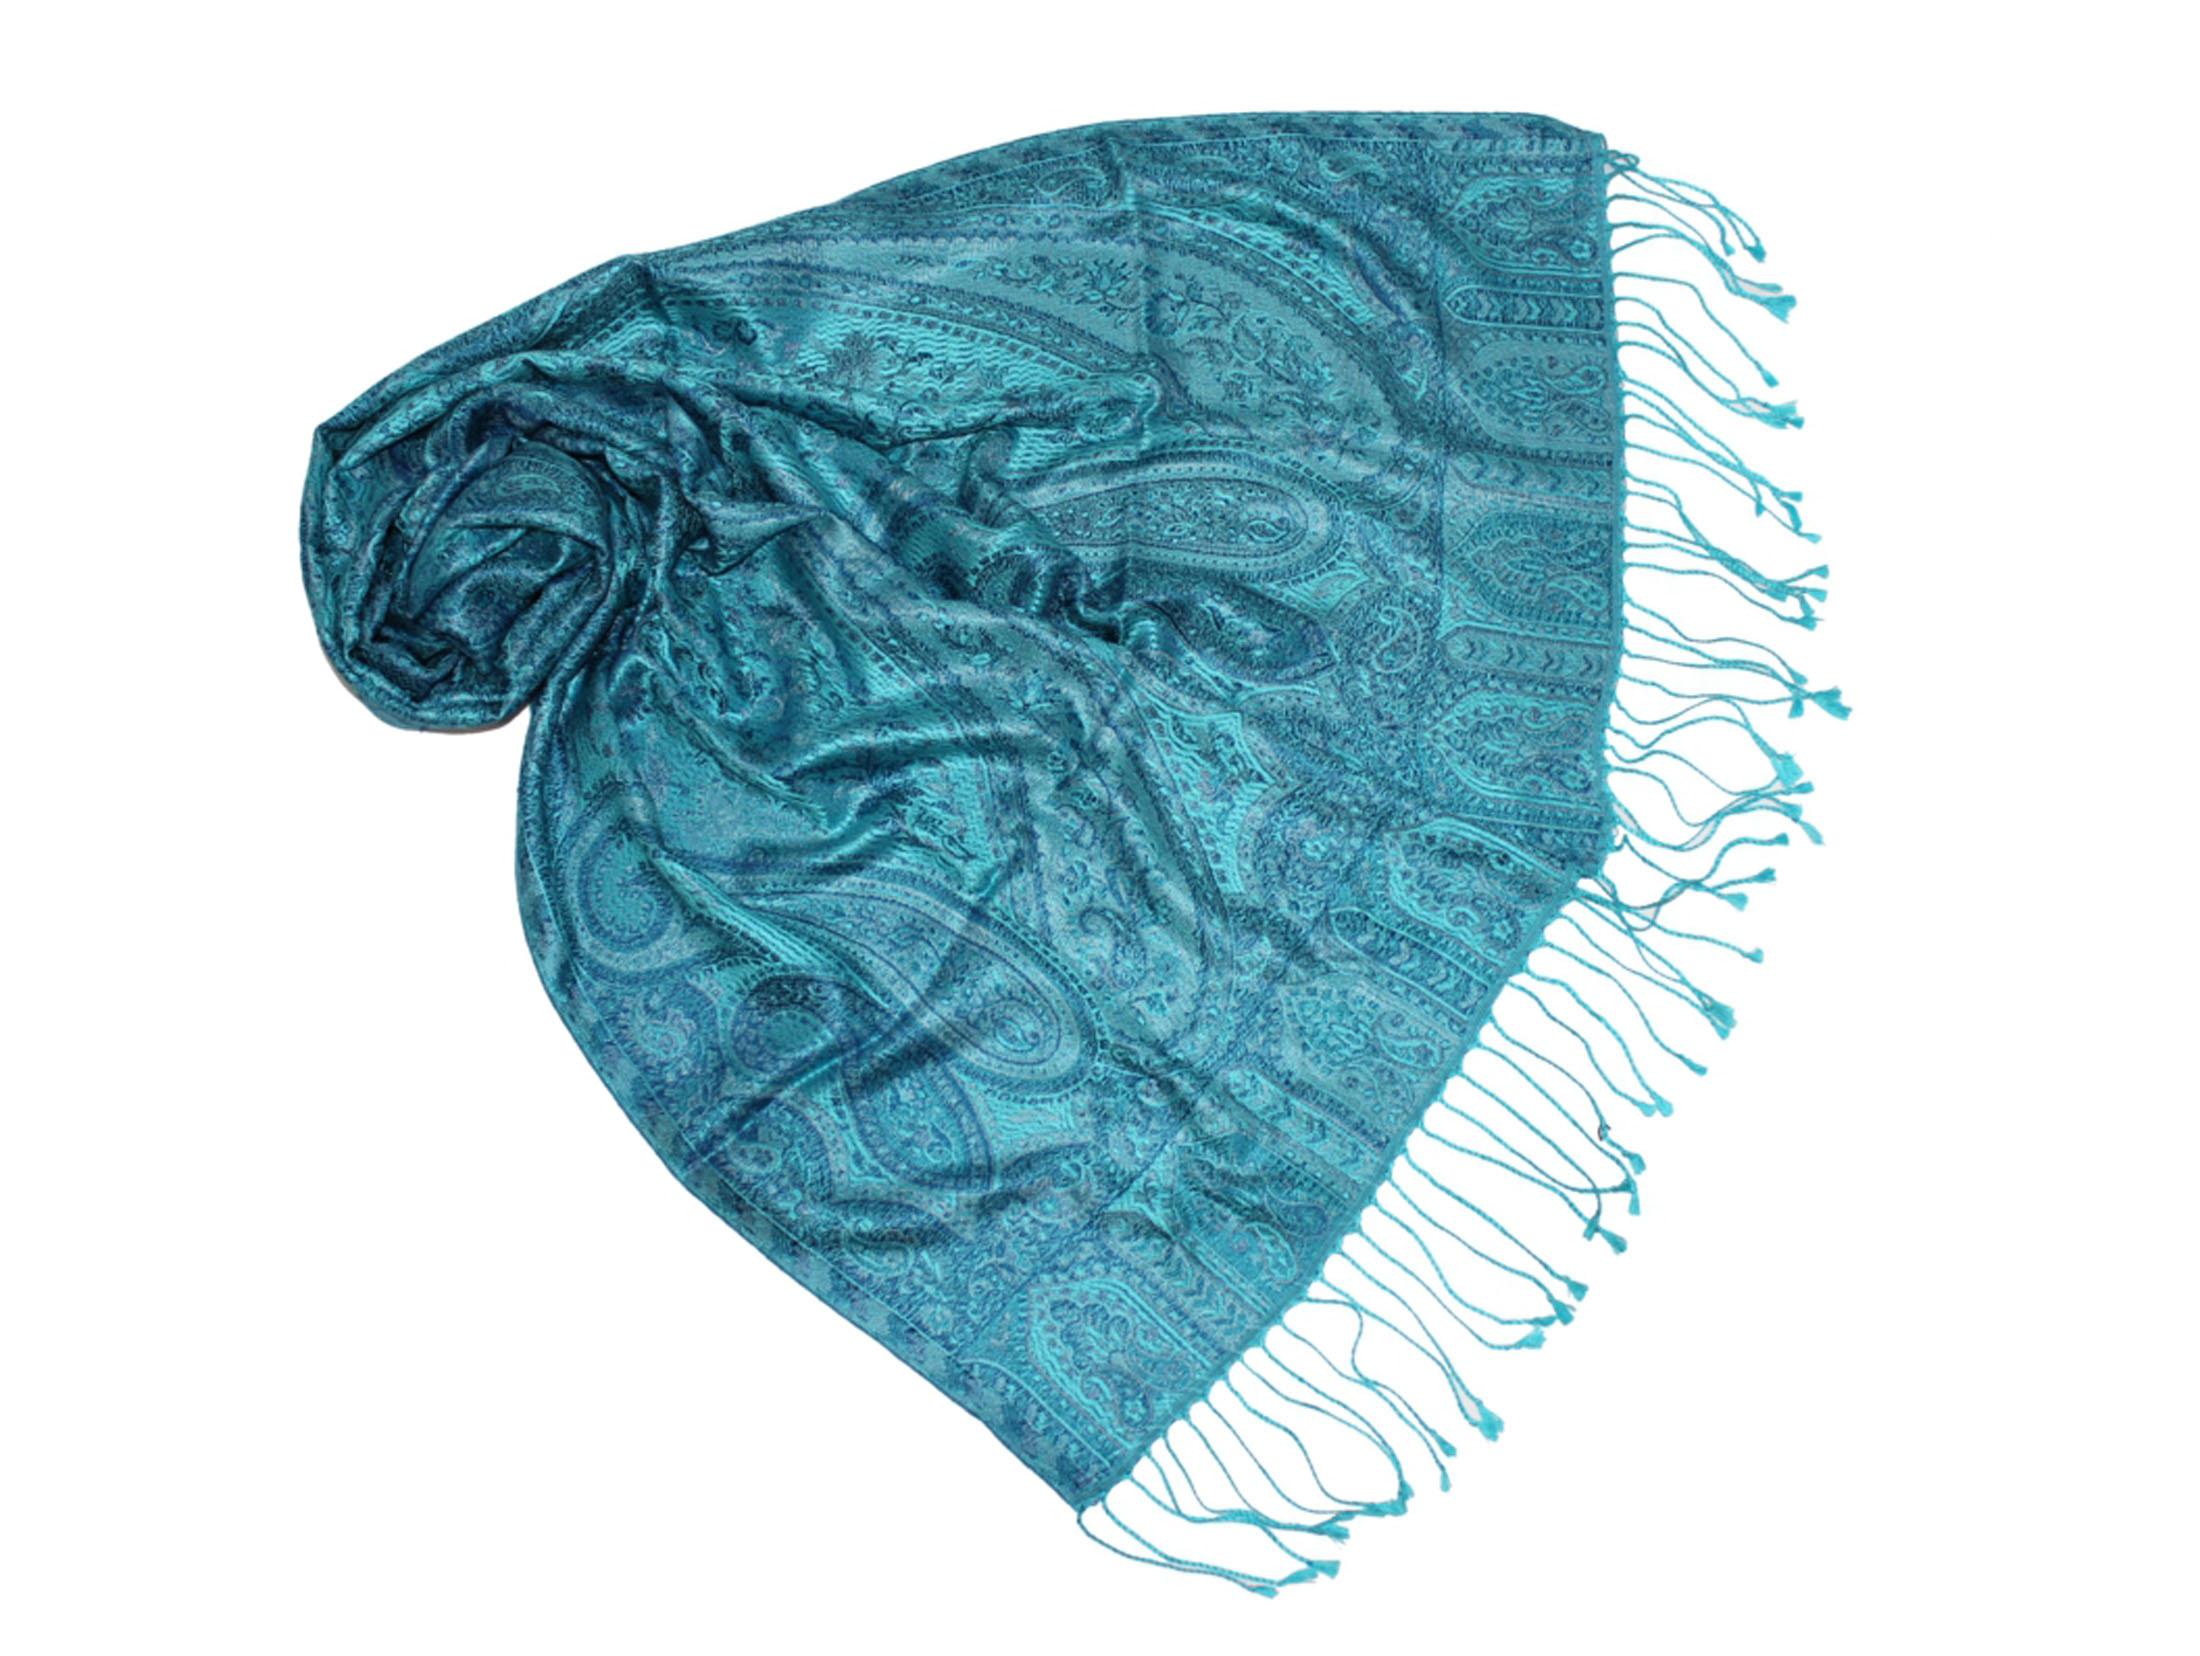 Шарф женский Ethnica, цвет: голубой, синий. 081370а. Размер 36 см х 165 см081370аЖенский шарф Ethnica, изготовленный из 100% шелка, подчеркнет вашу индивидуальность. Благодаря своему составу, он легкий, мягкий и приятный на ощупь. Изделие декорировано оригинальным этническим узором и дополнено кисточками.Такой аксессуар станет стильным дополнением к гардеробу современной женщины.